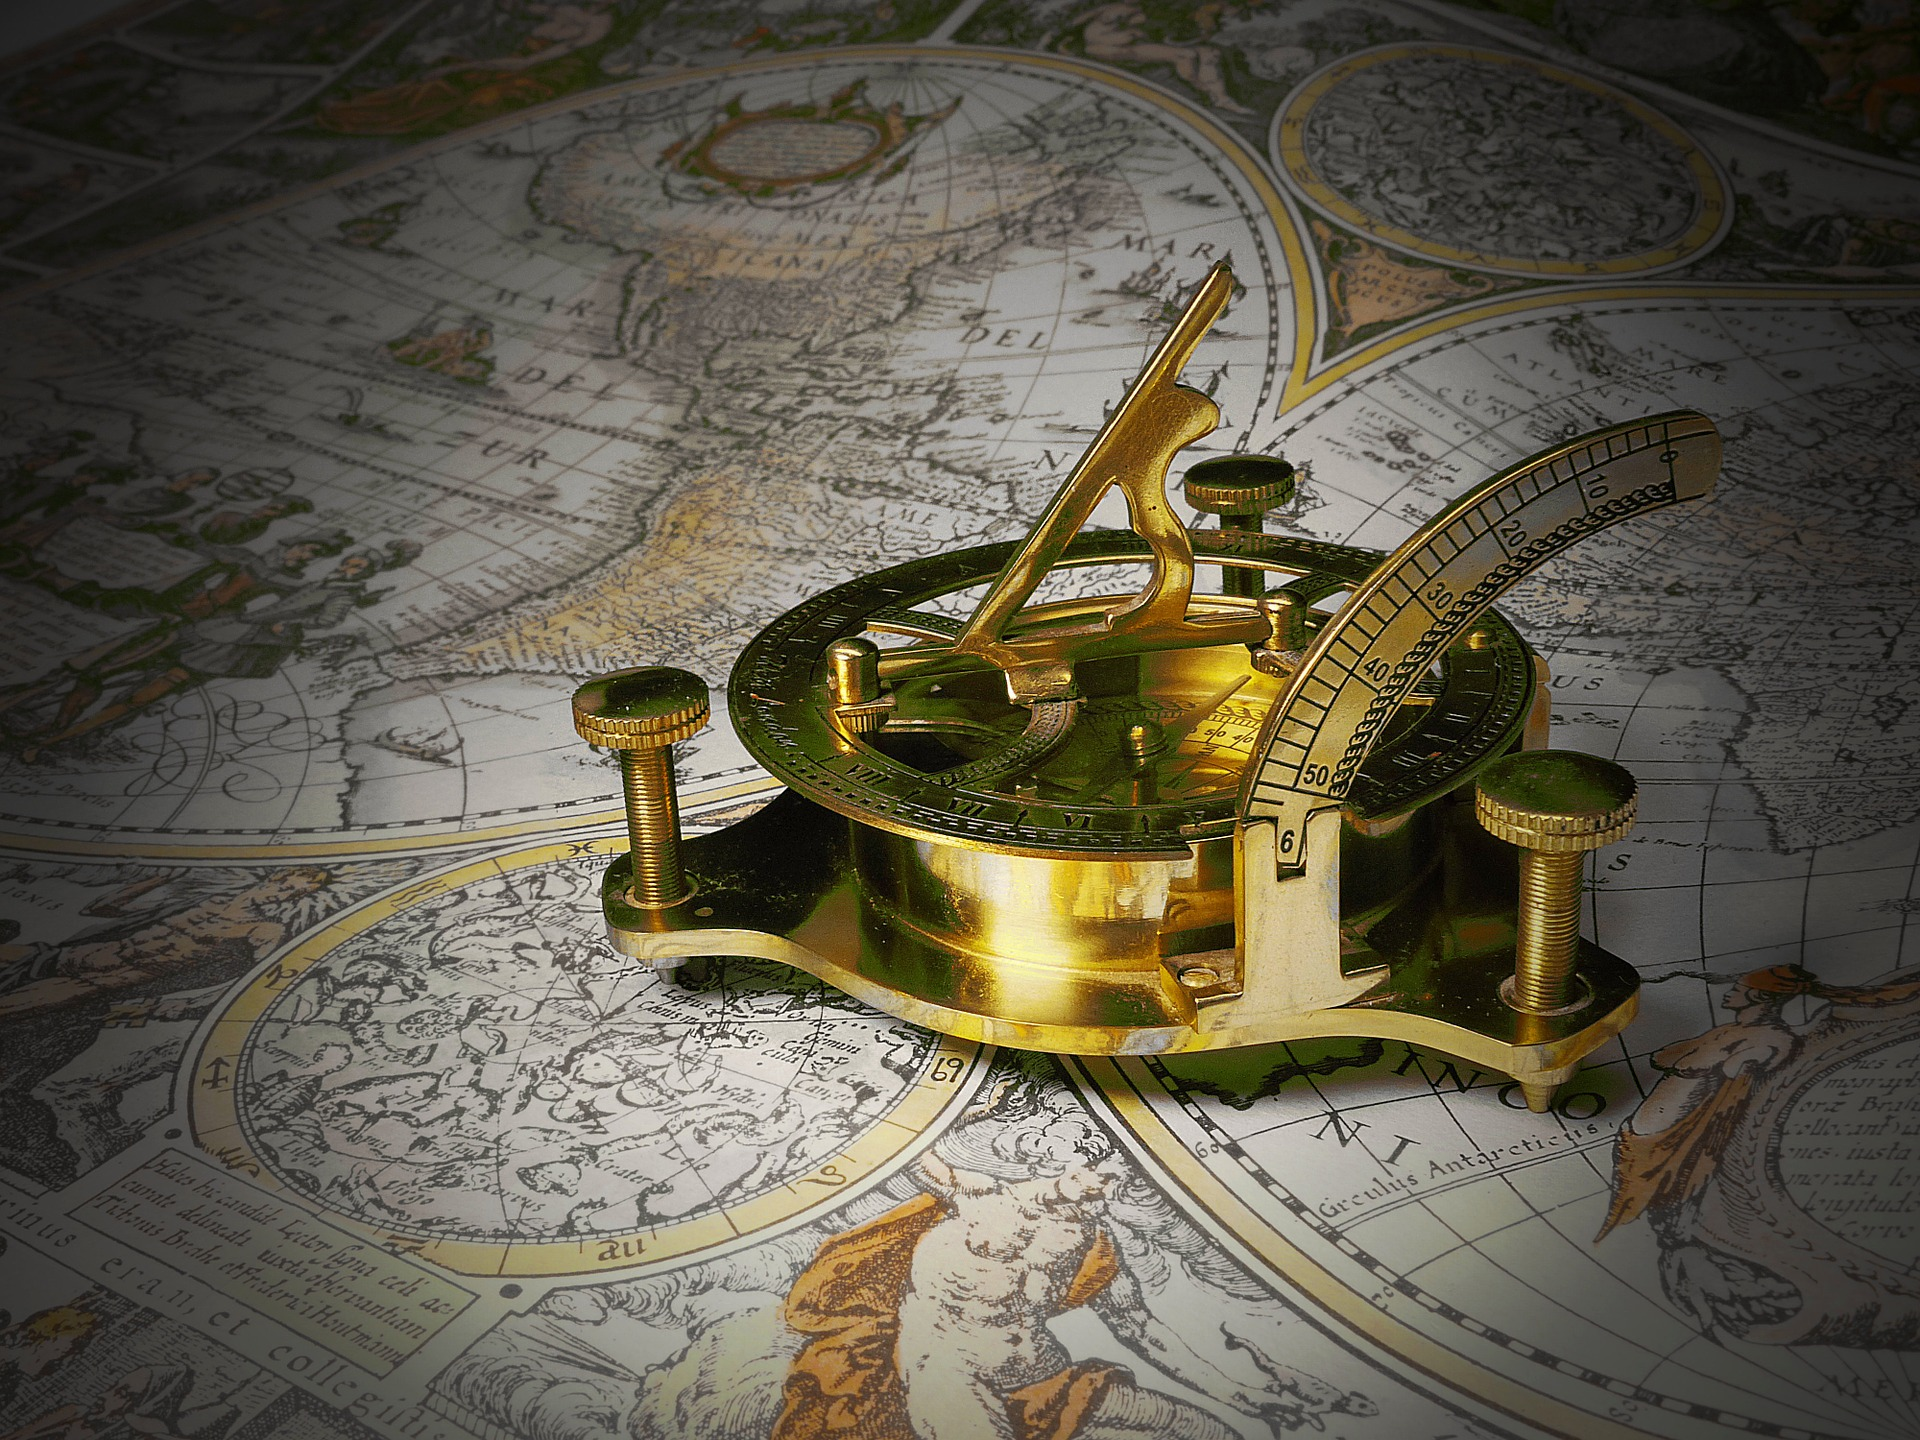 手表, 日晷, 口径, 地图, 地理, 多拉多 - 高清壁纸 - 教授-falken.com